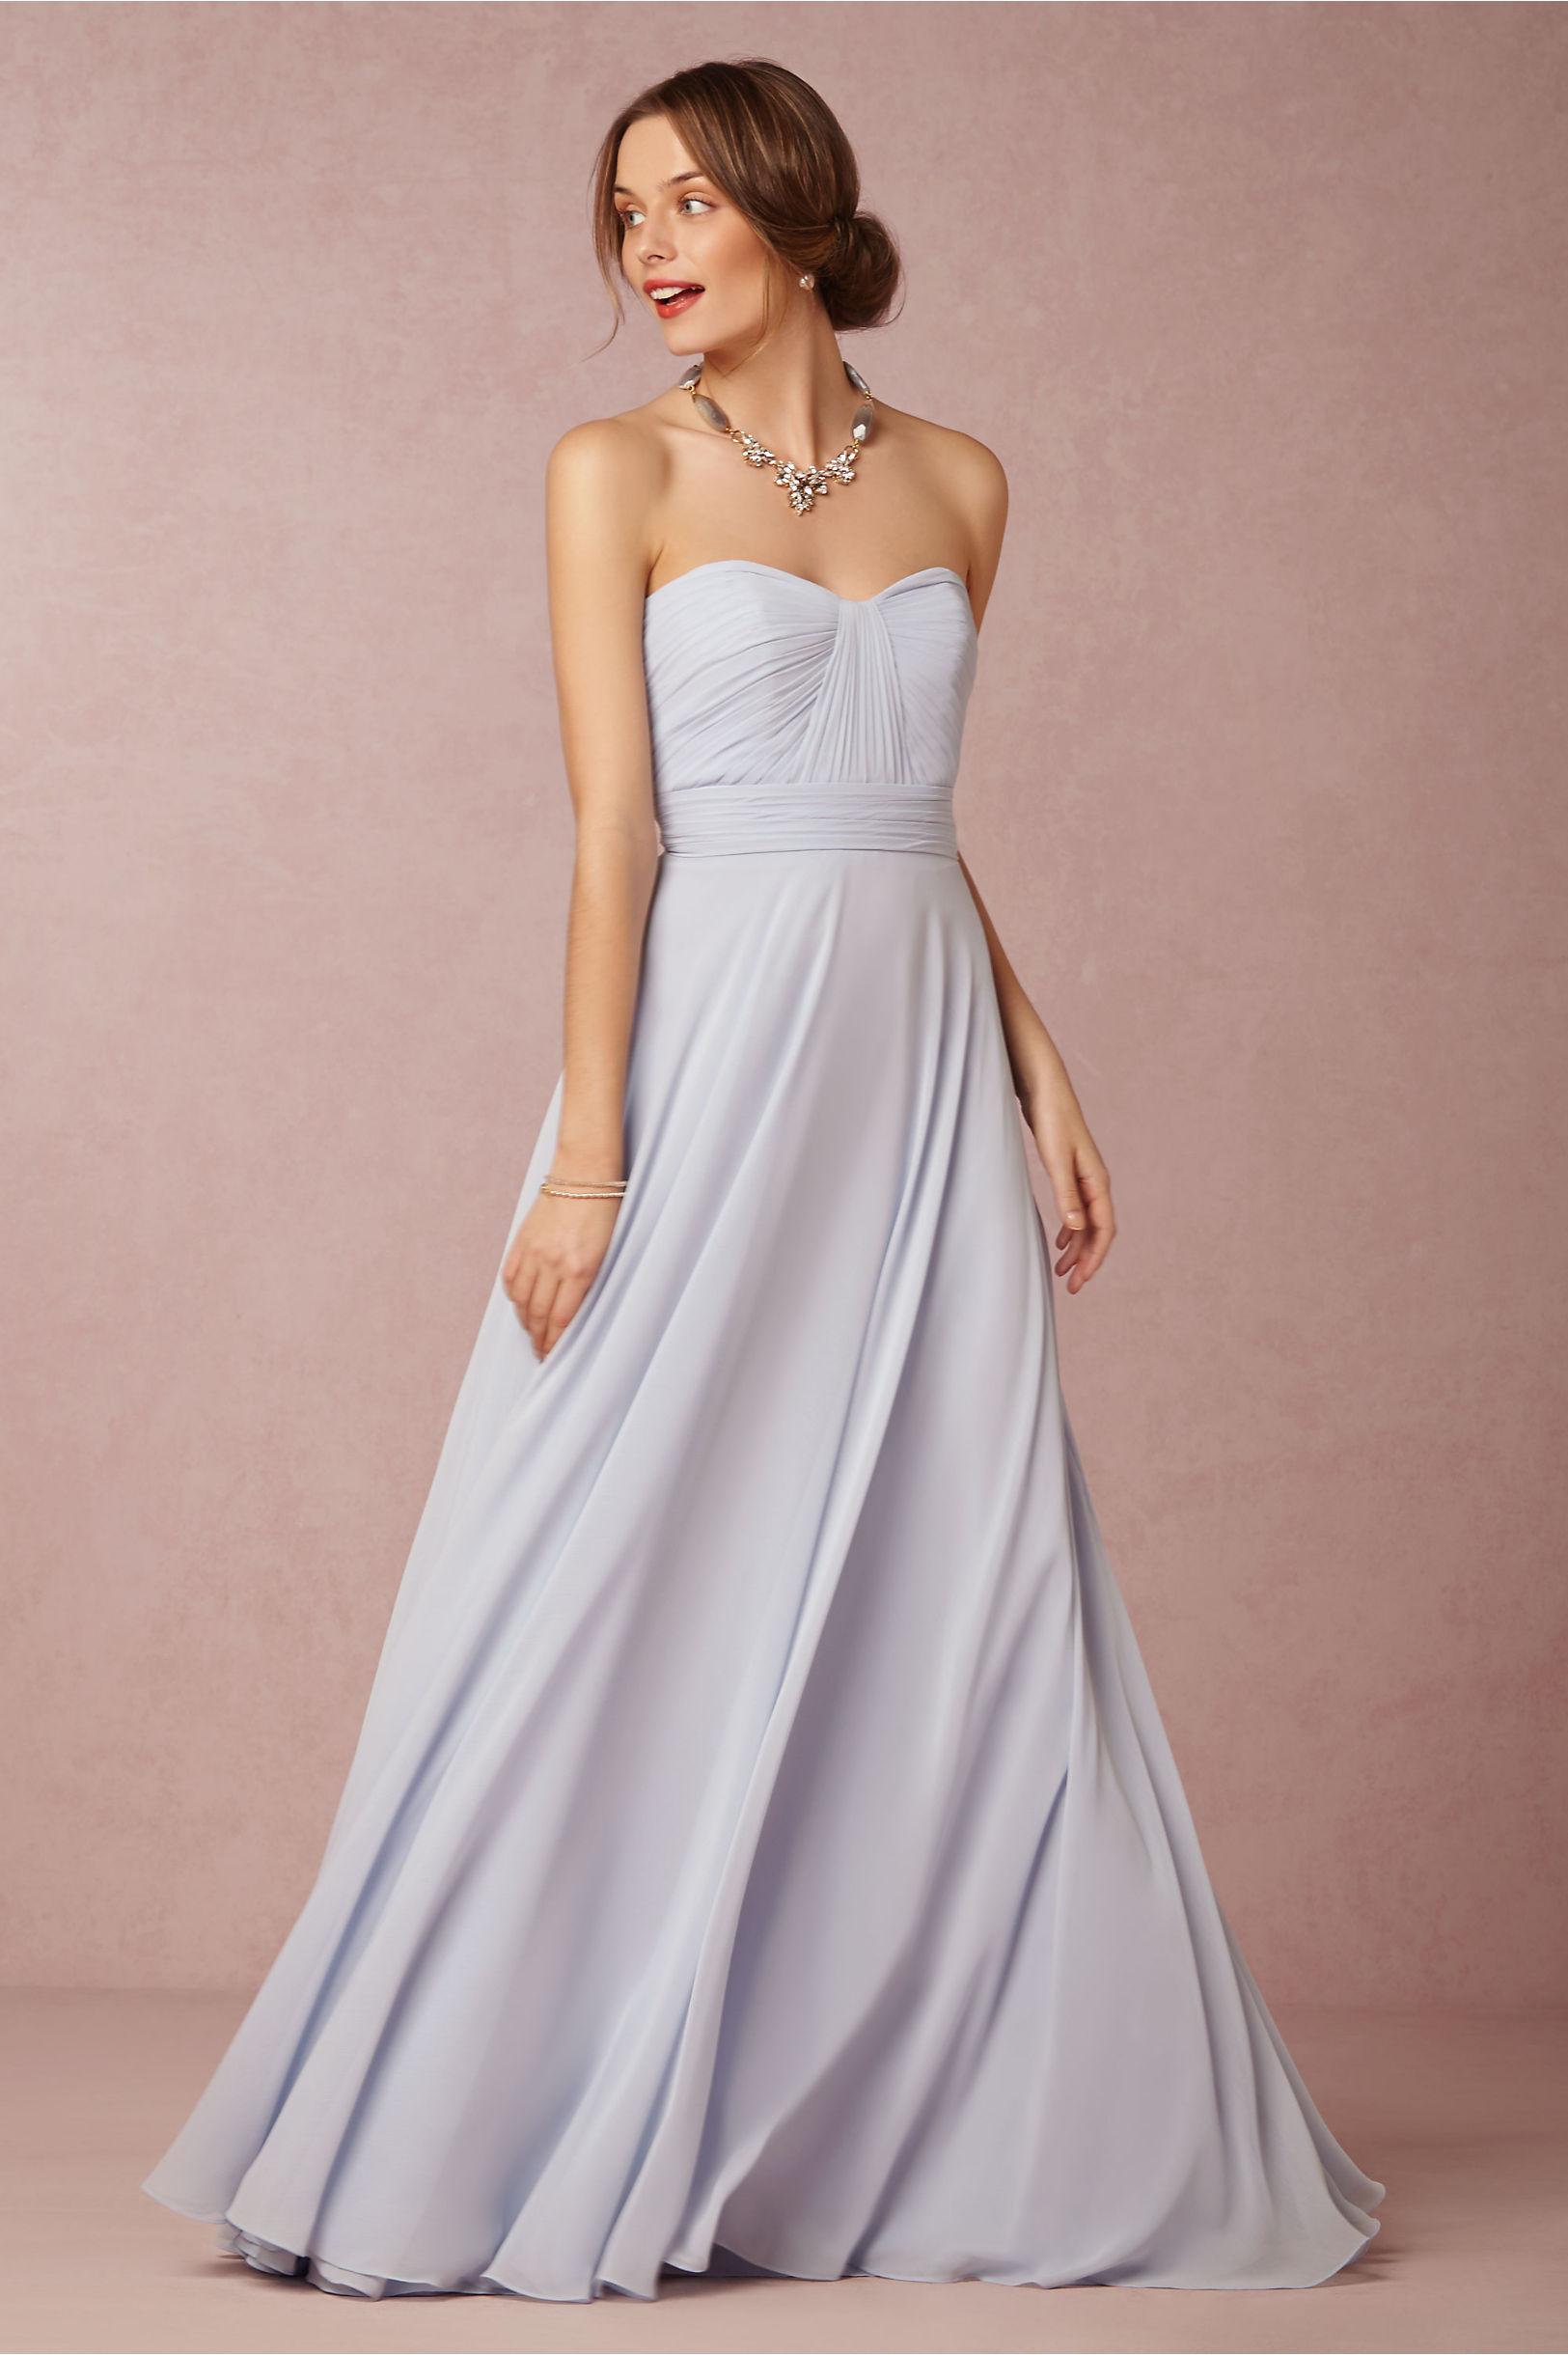 Quinn Dress in Sale | BHLDN